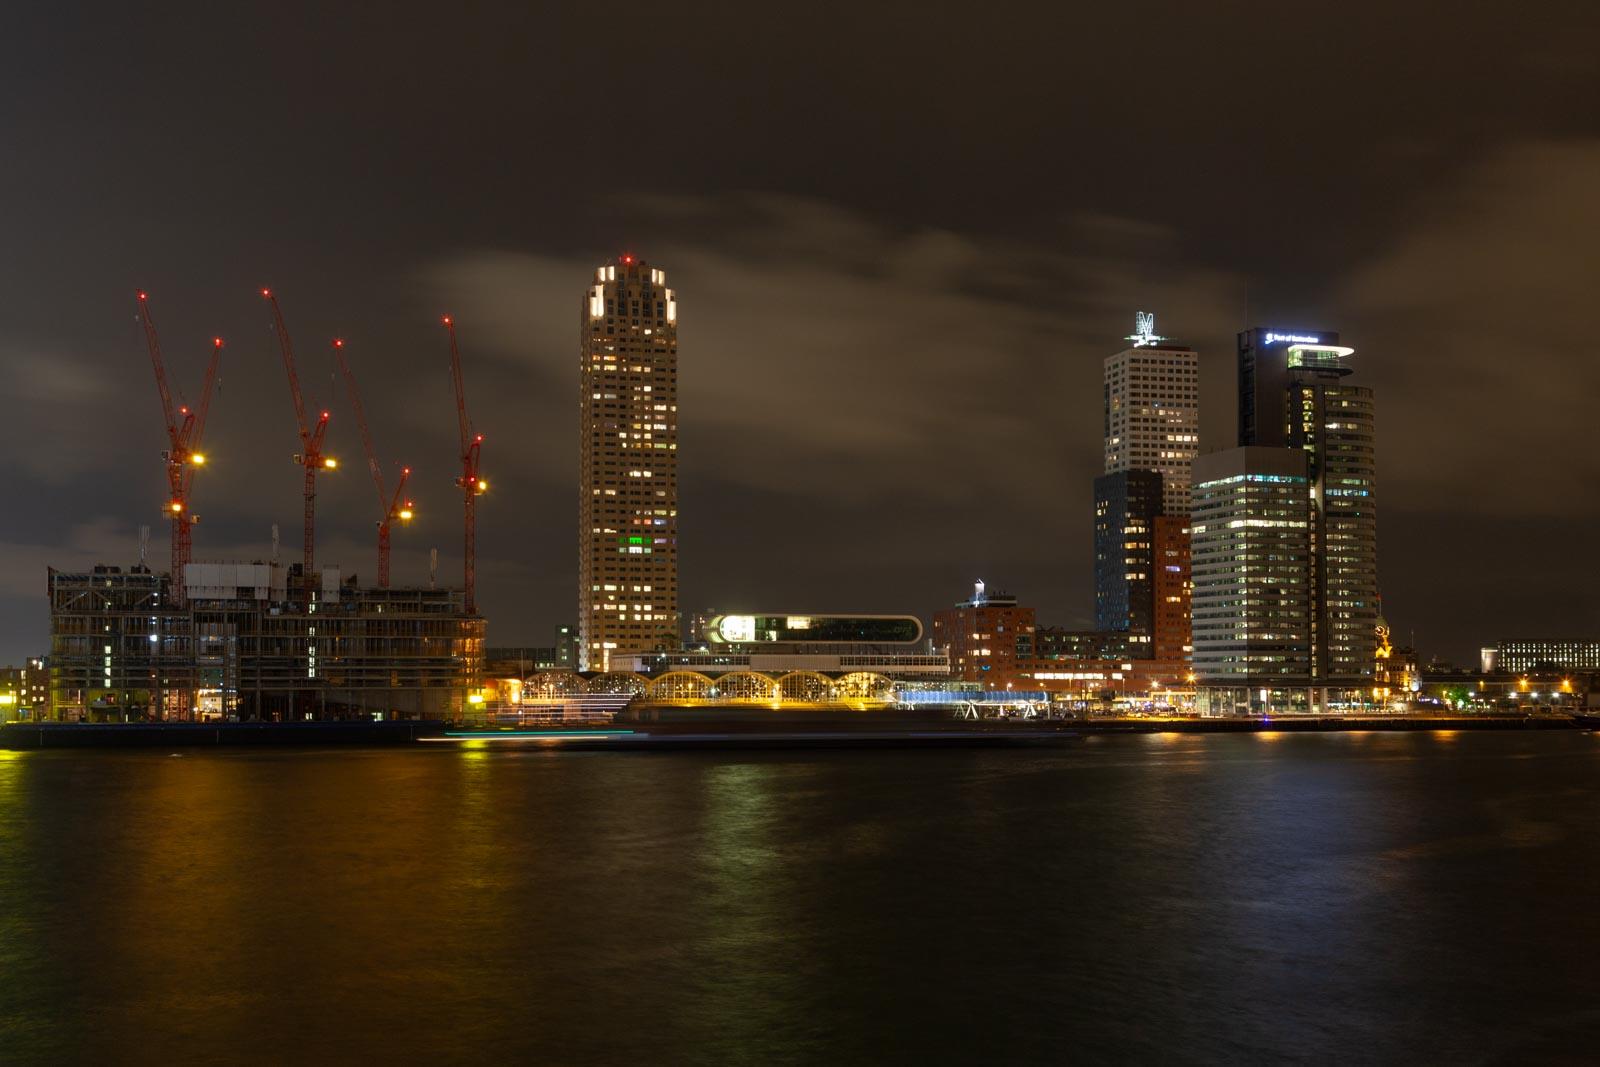 Nachtfoto Kop van Zuid in Rotterdam